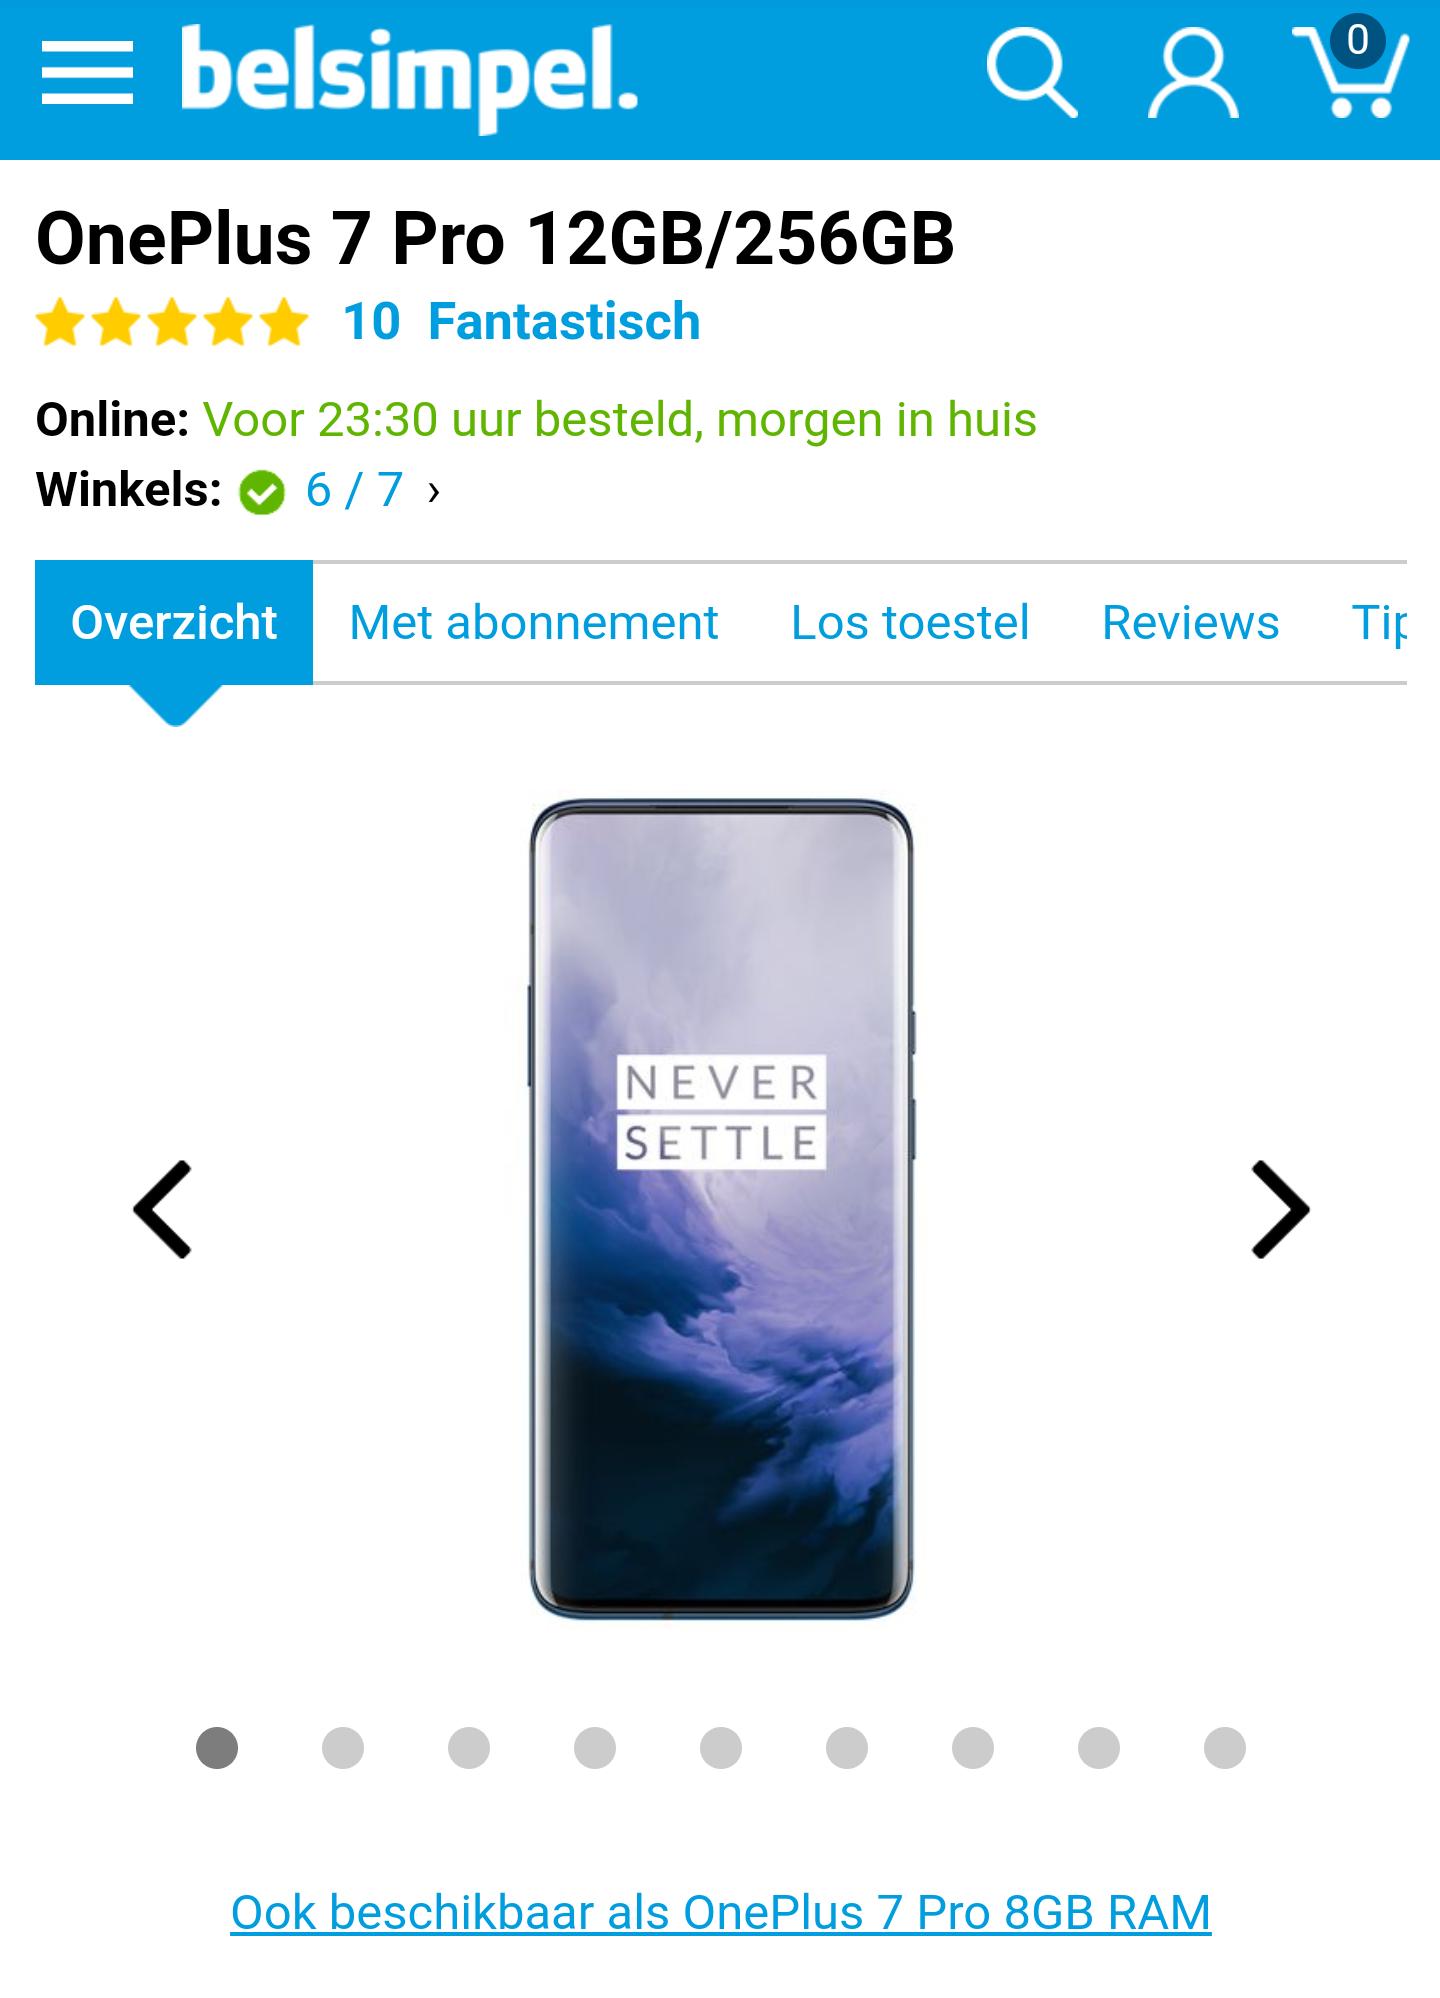 OnePlus 7 Pro 12GB/256GB